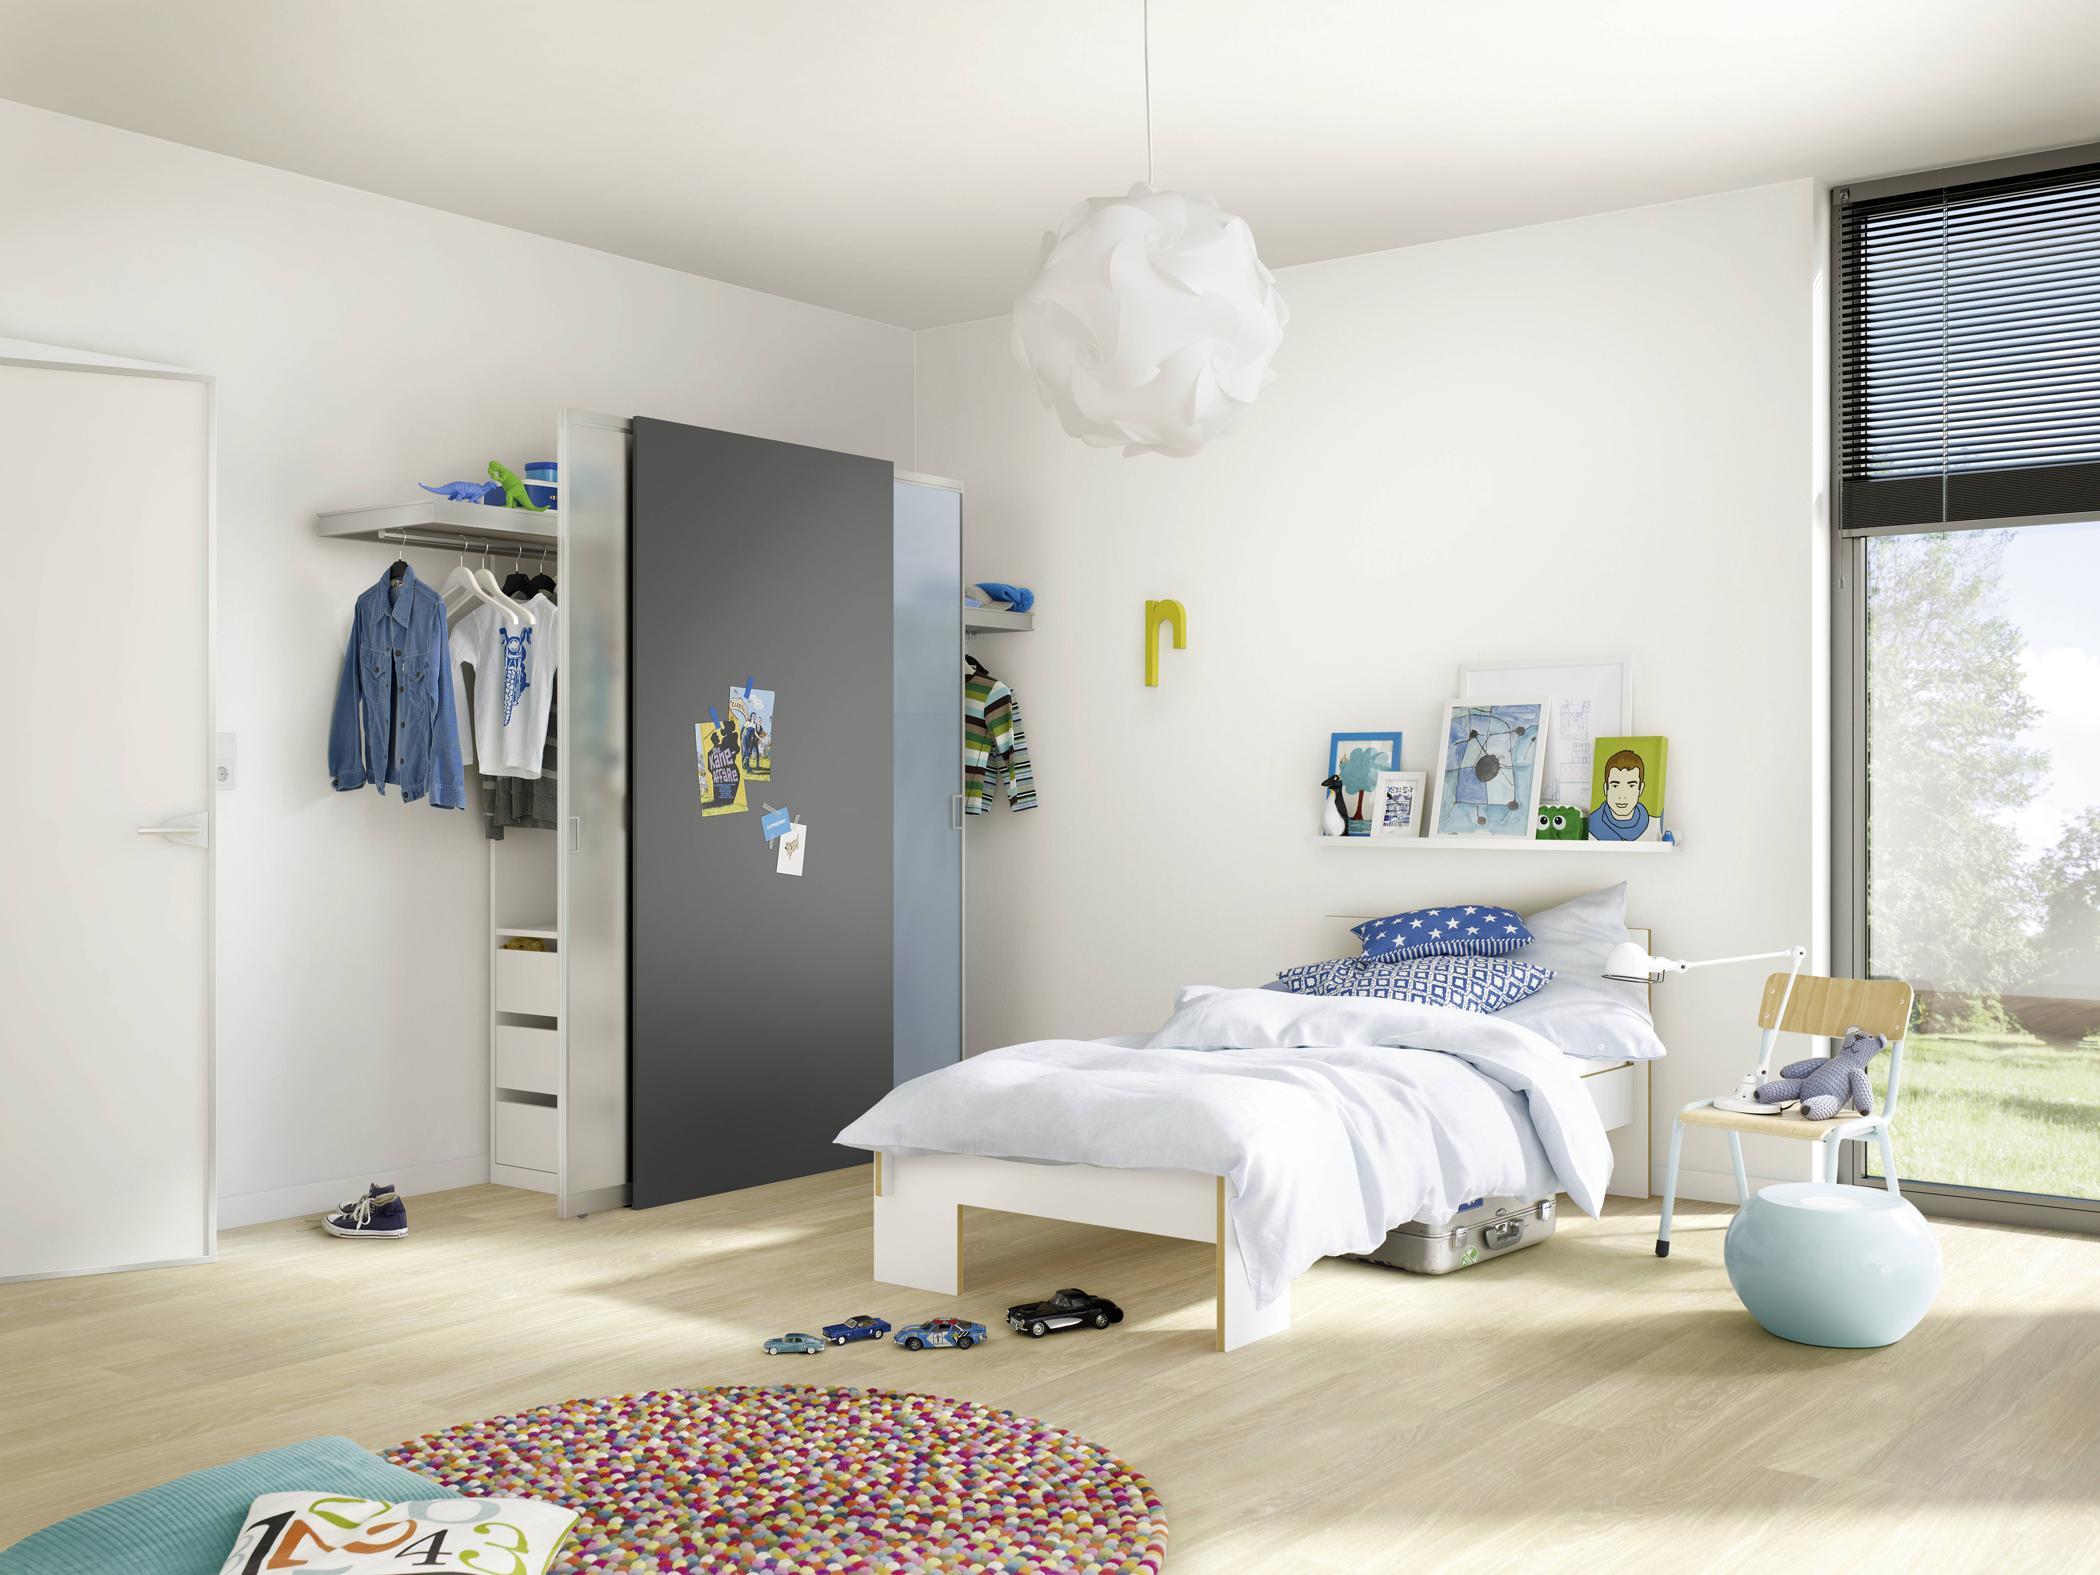 Jugendbett U2022 Bilder U0026 Ideen U2022 Couchstyle, Schlafzimmer Entwurf